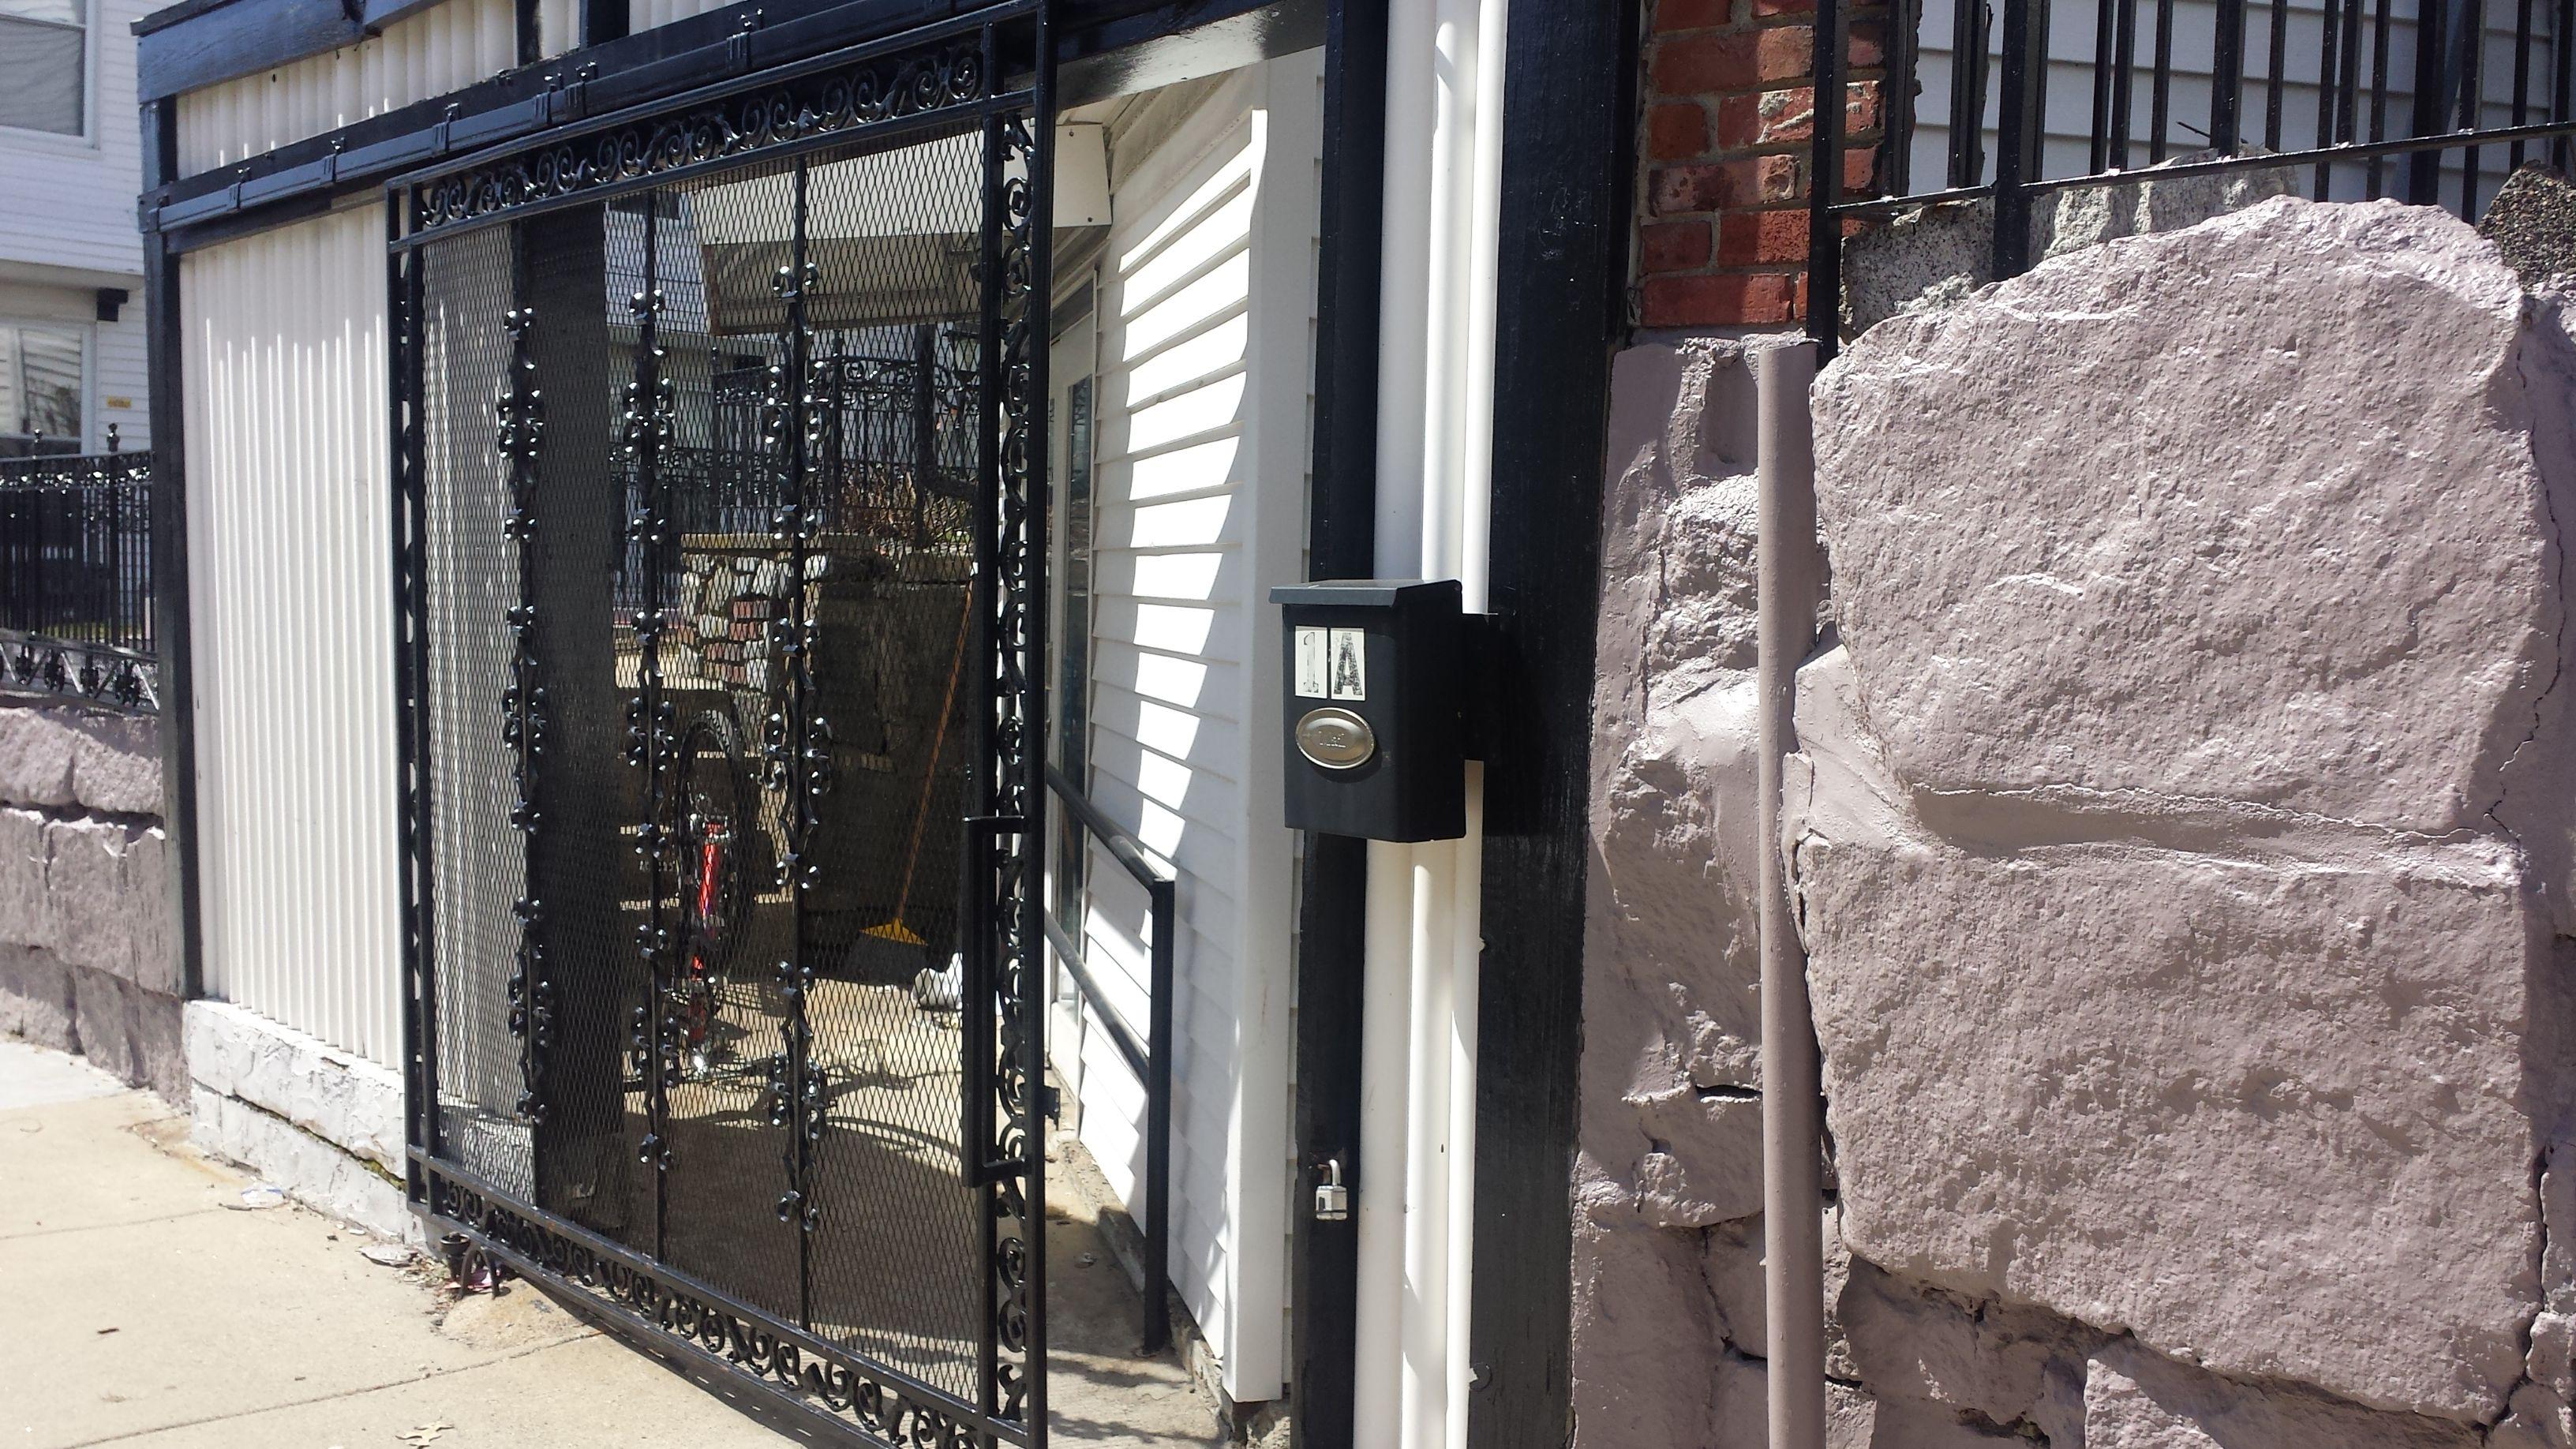 Wrought Iron Fence Back Door Wrought Iron Fences Iron Fence Back Doors